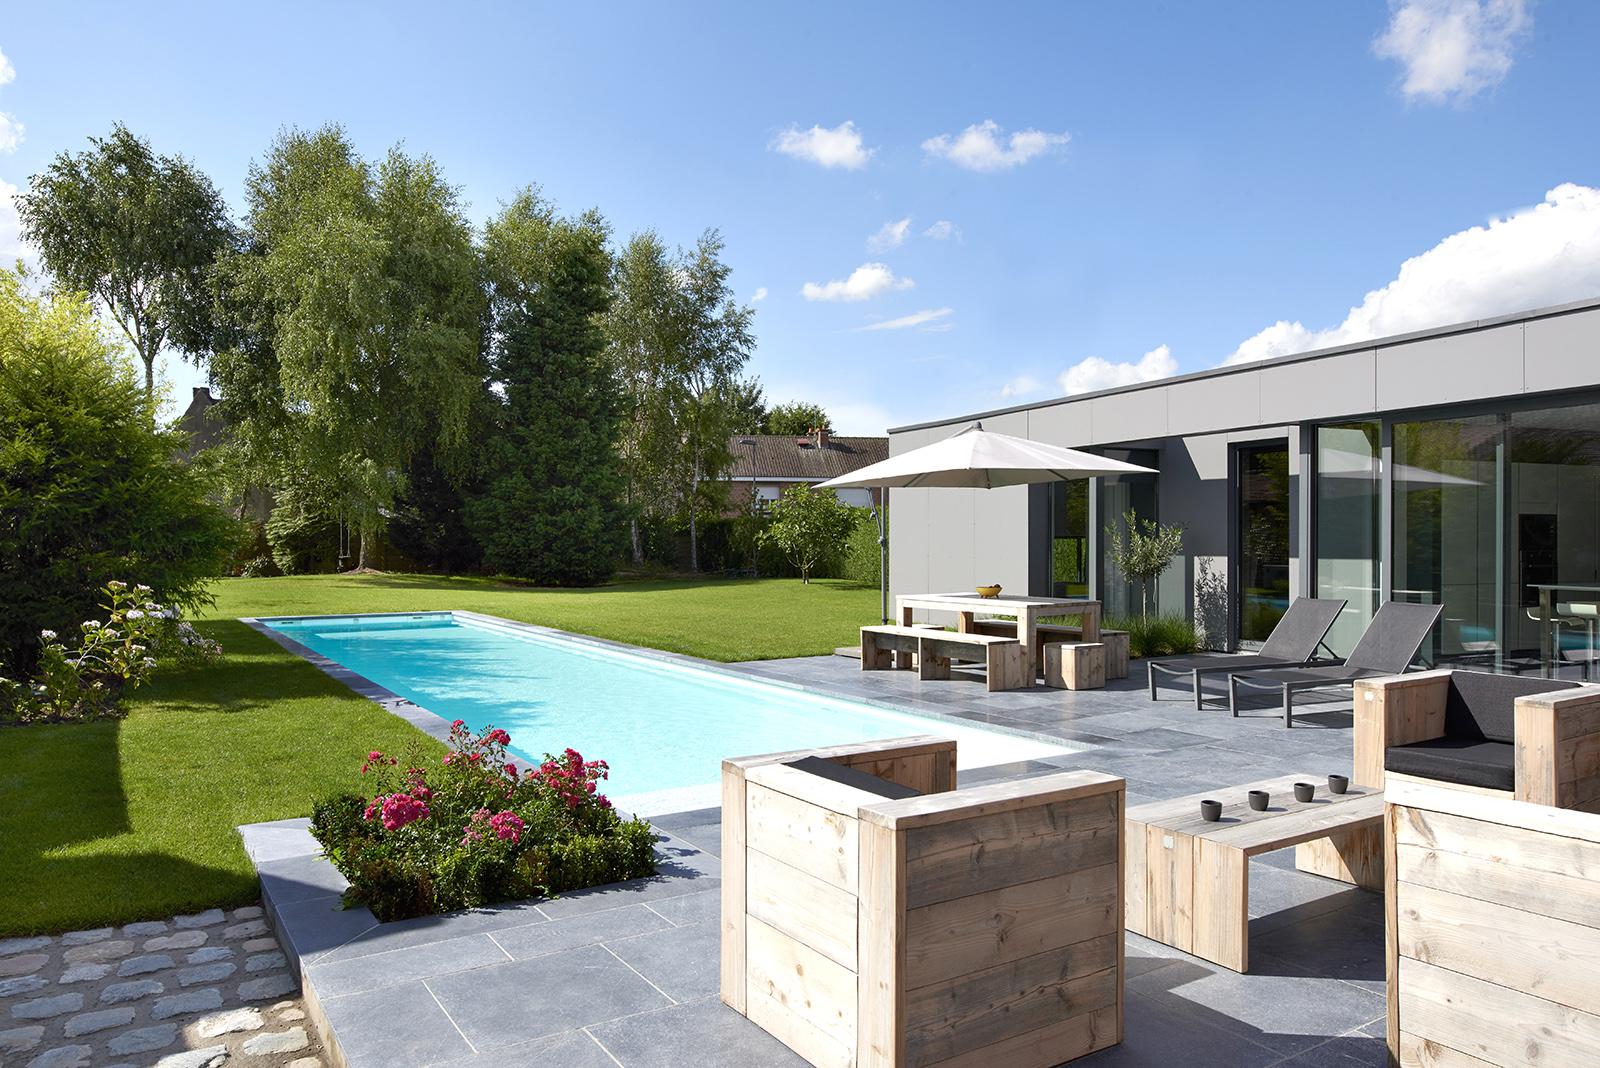 piscine design rectangulaire enterrée Périgueux